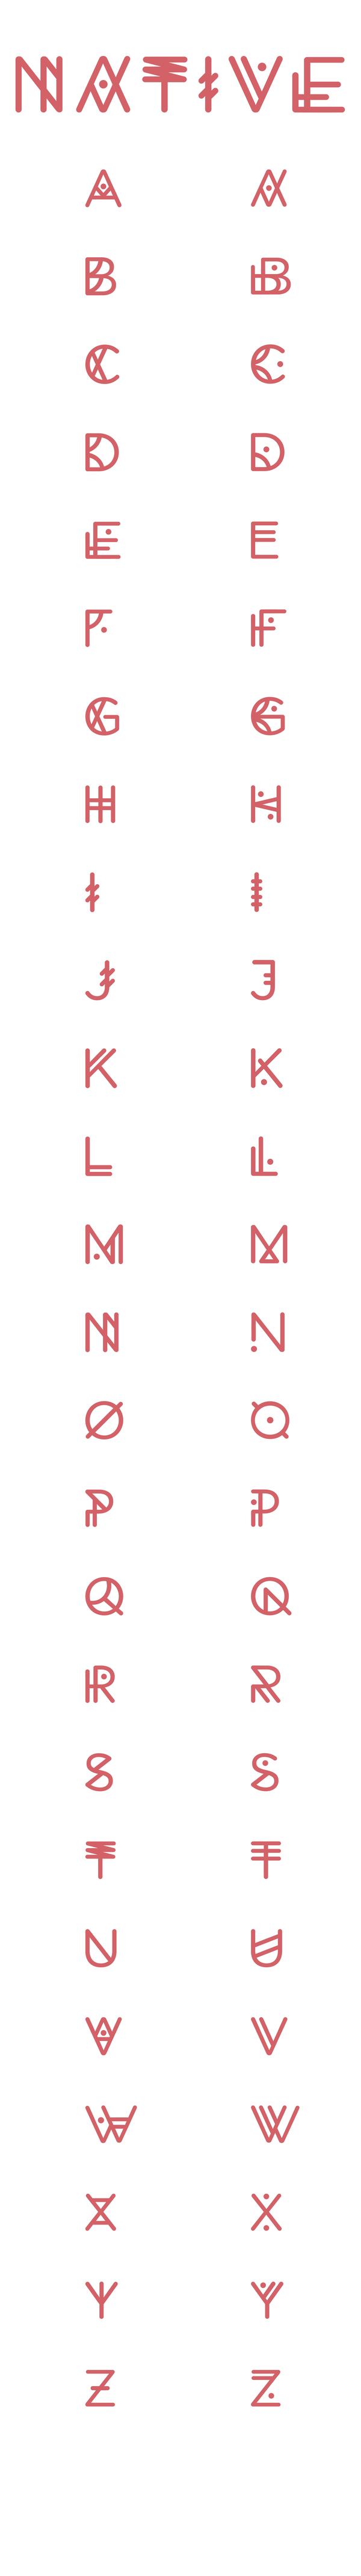 Tattoo name writing designs experimental typeface of  u native  design you trust u design